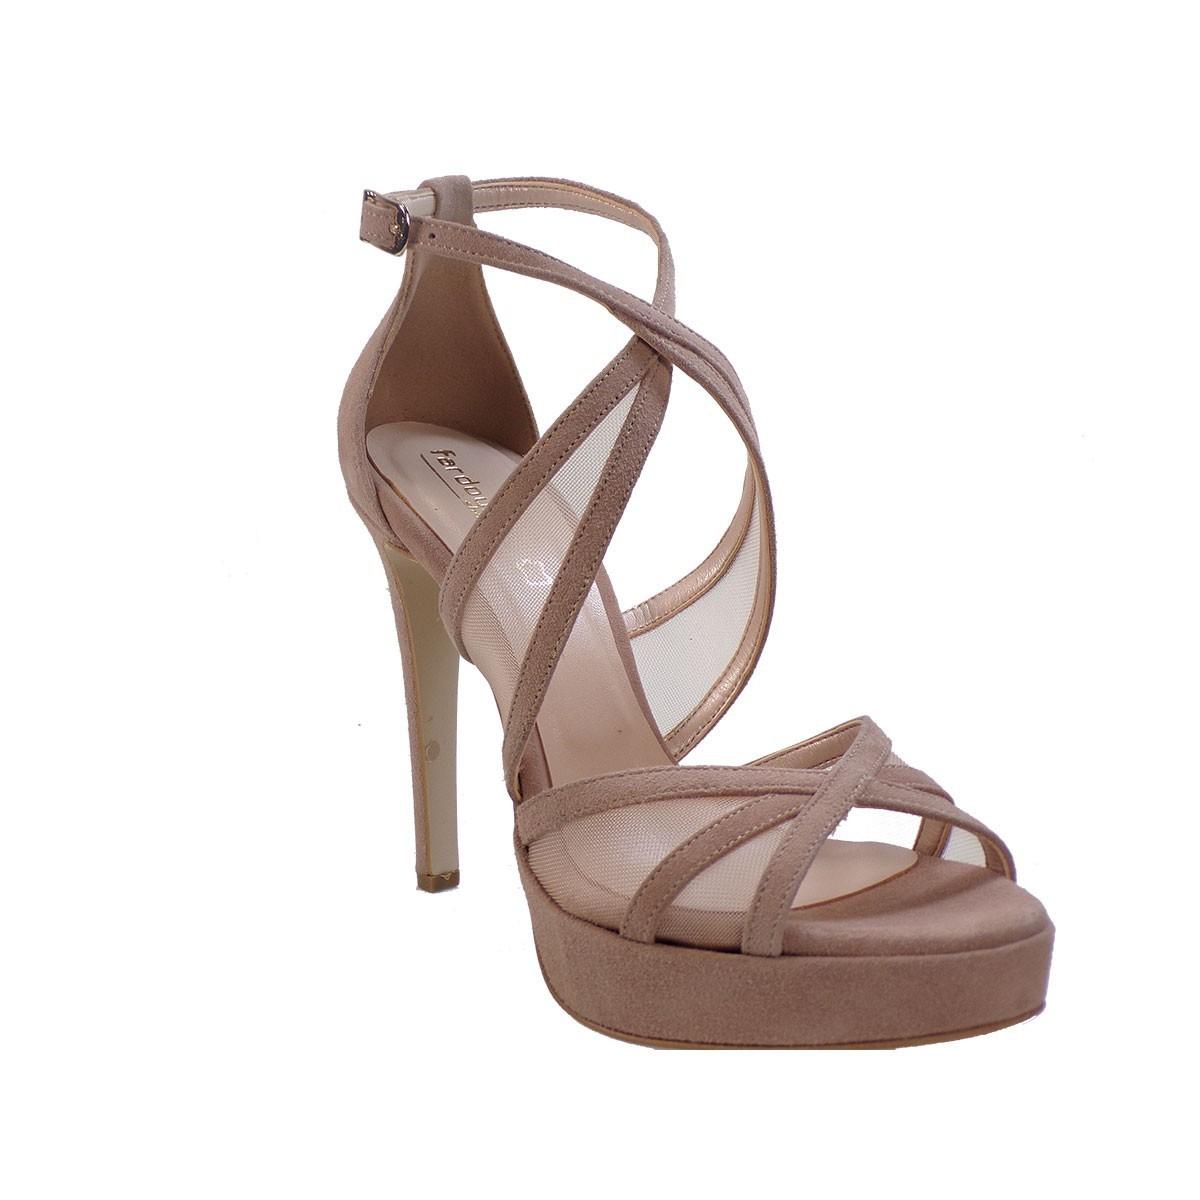 Fardoulis shoes Γυναικεία Παπούτσια Πέδιλα 3033Λ Νude Δέρμα Καστόρι